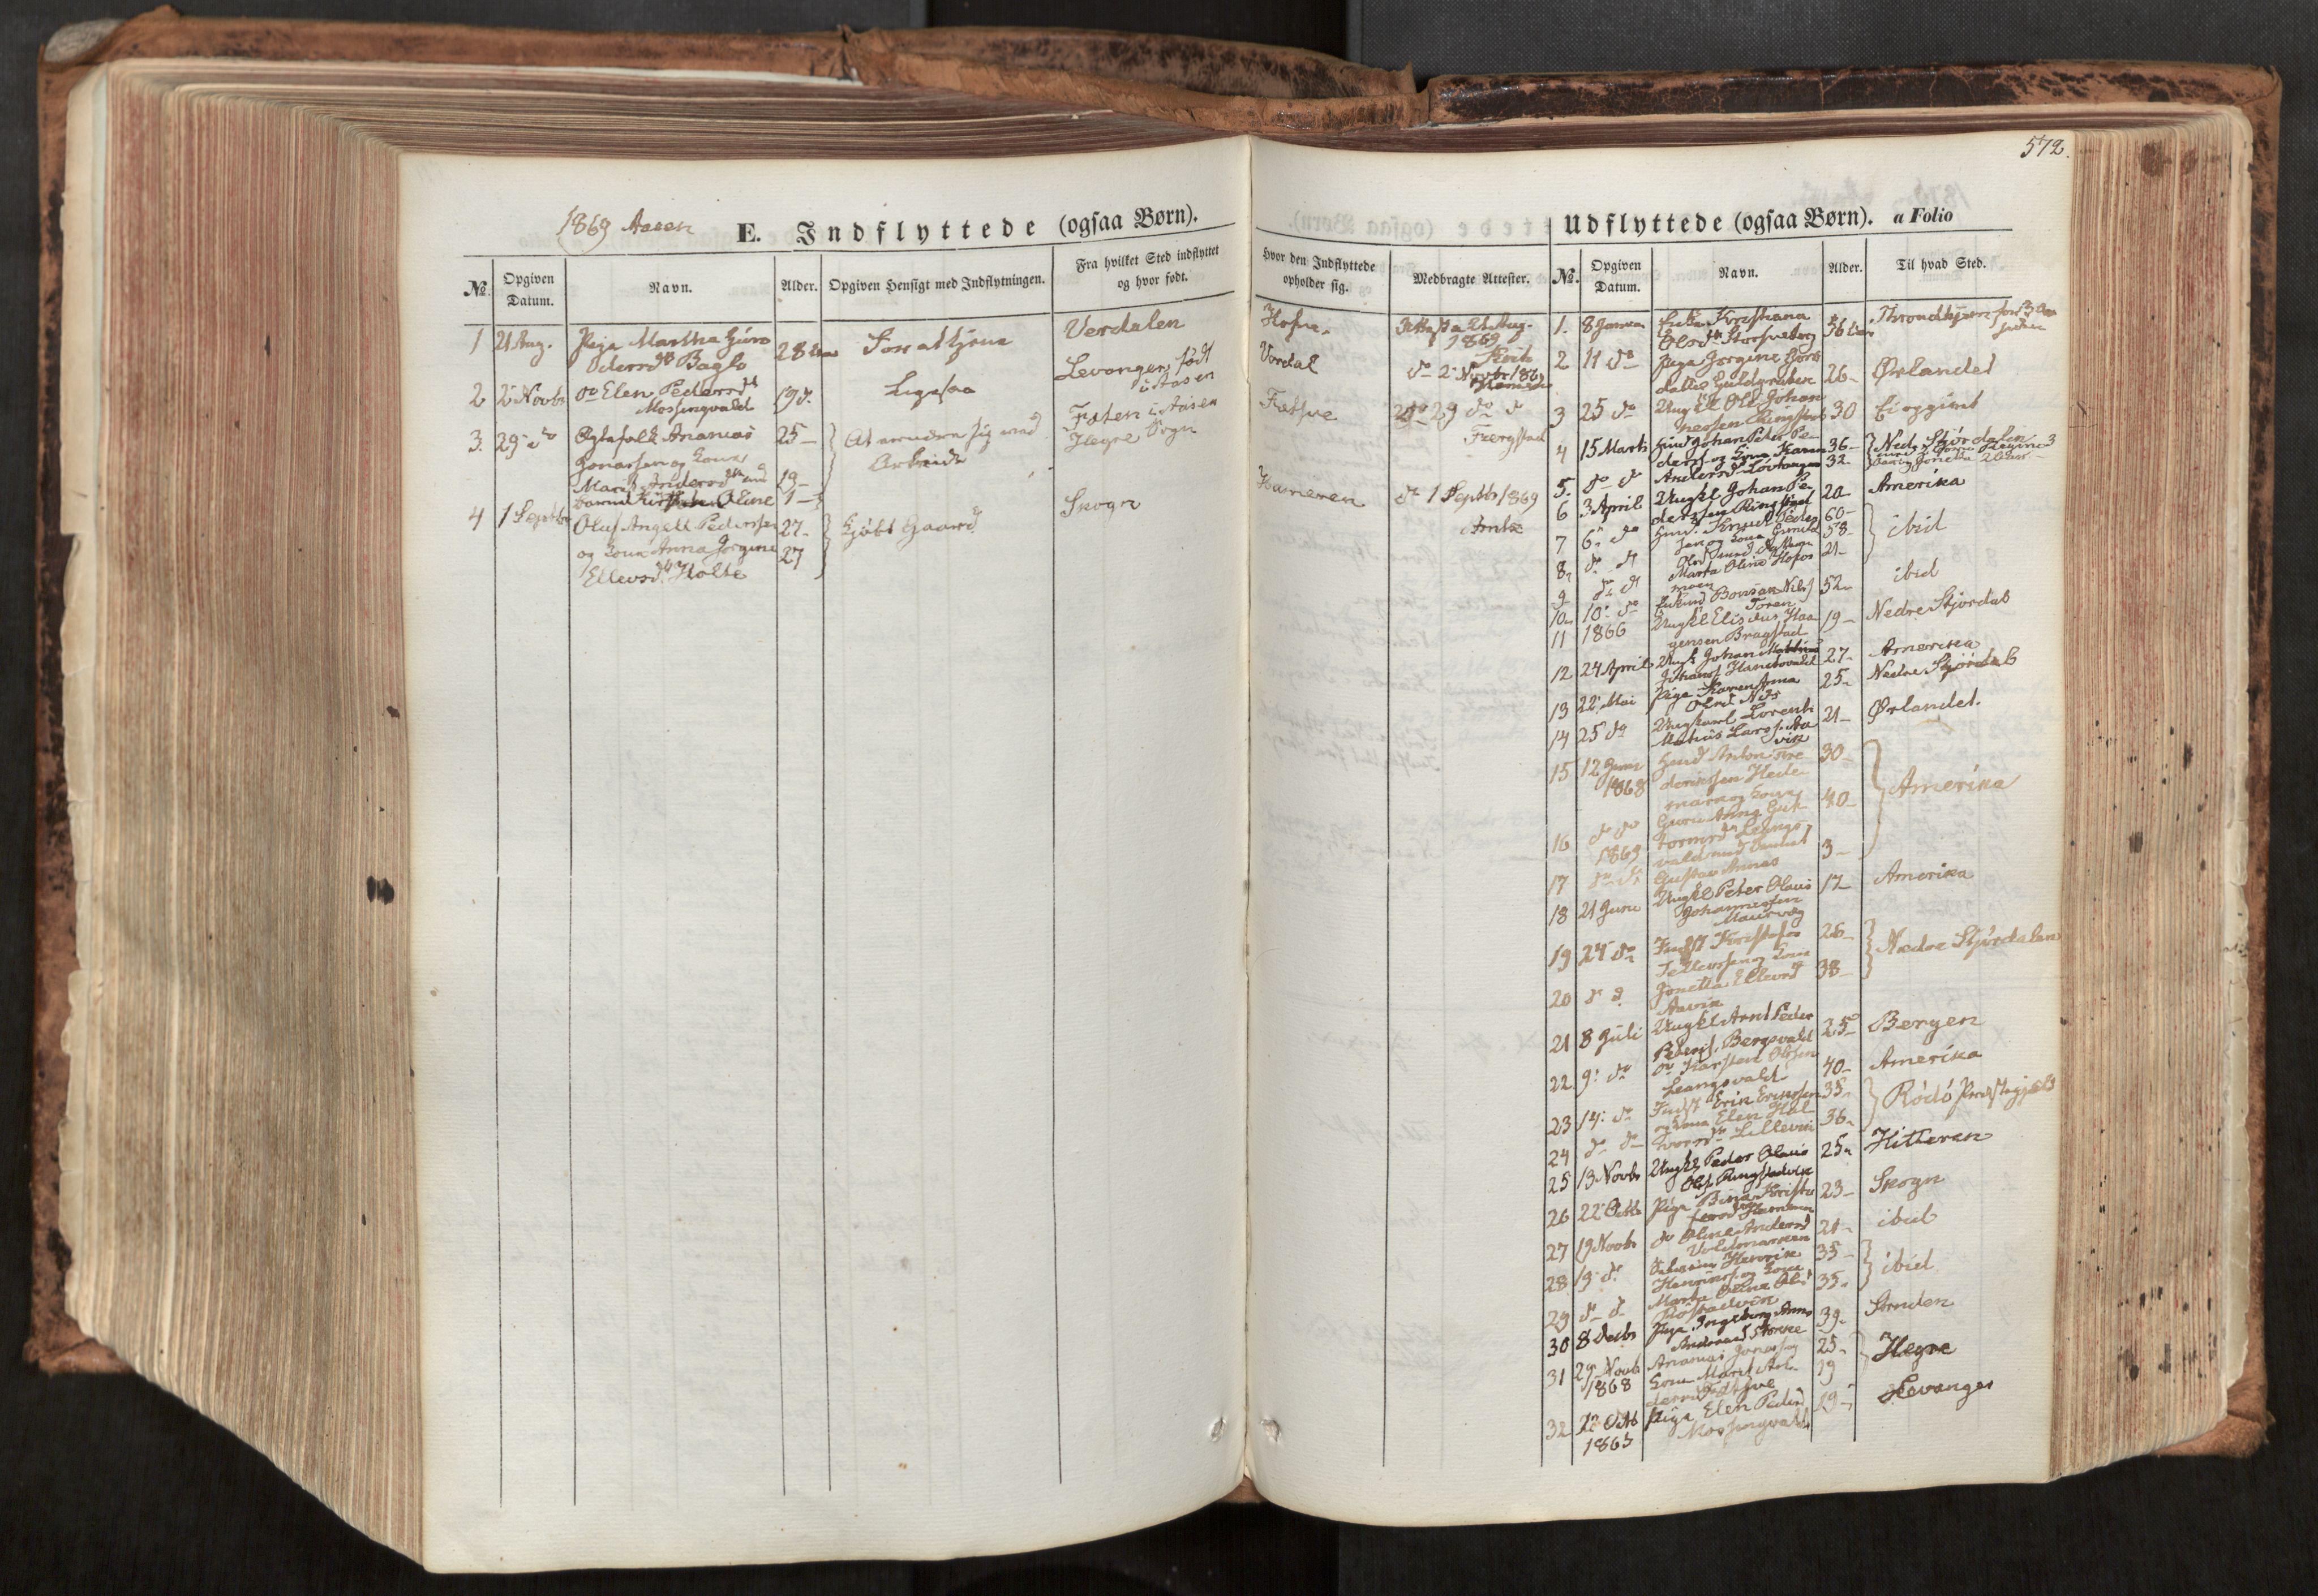 SAT, Ministerialprotokoller, klokkerbøker og fødselsregistre - Nord-Trøndelag, 713/L0116: Ministerialbok nr. 713A07, 1850-1877, s. 572